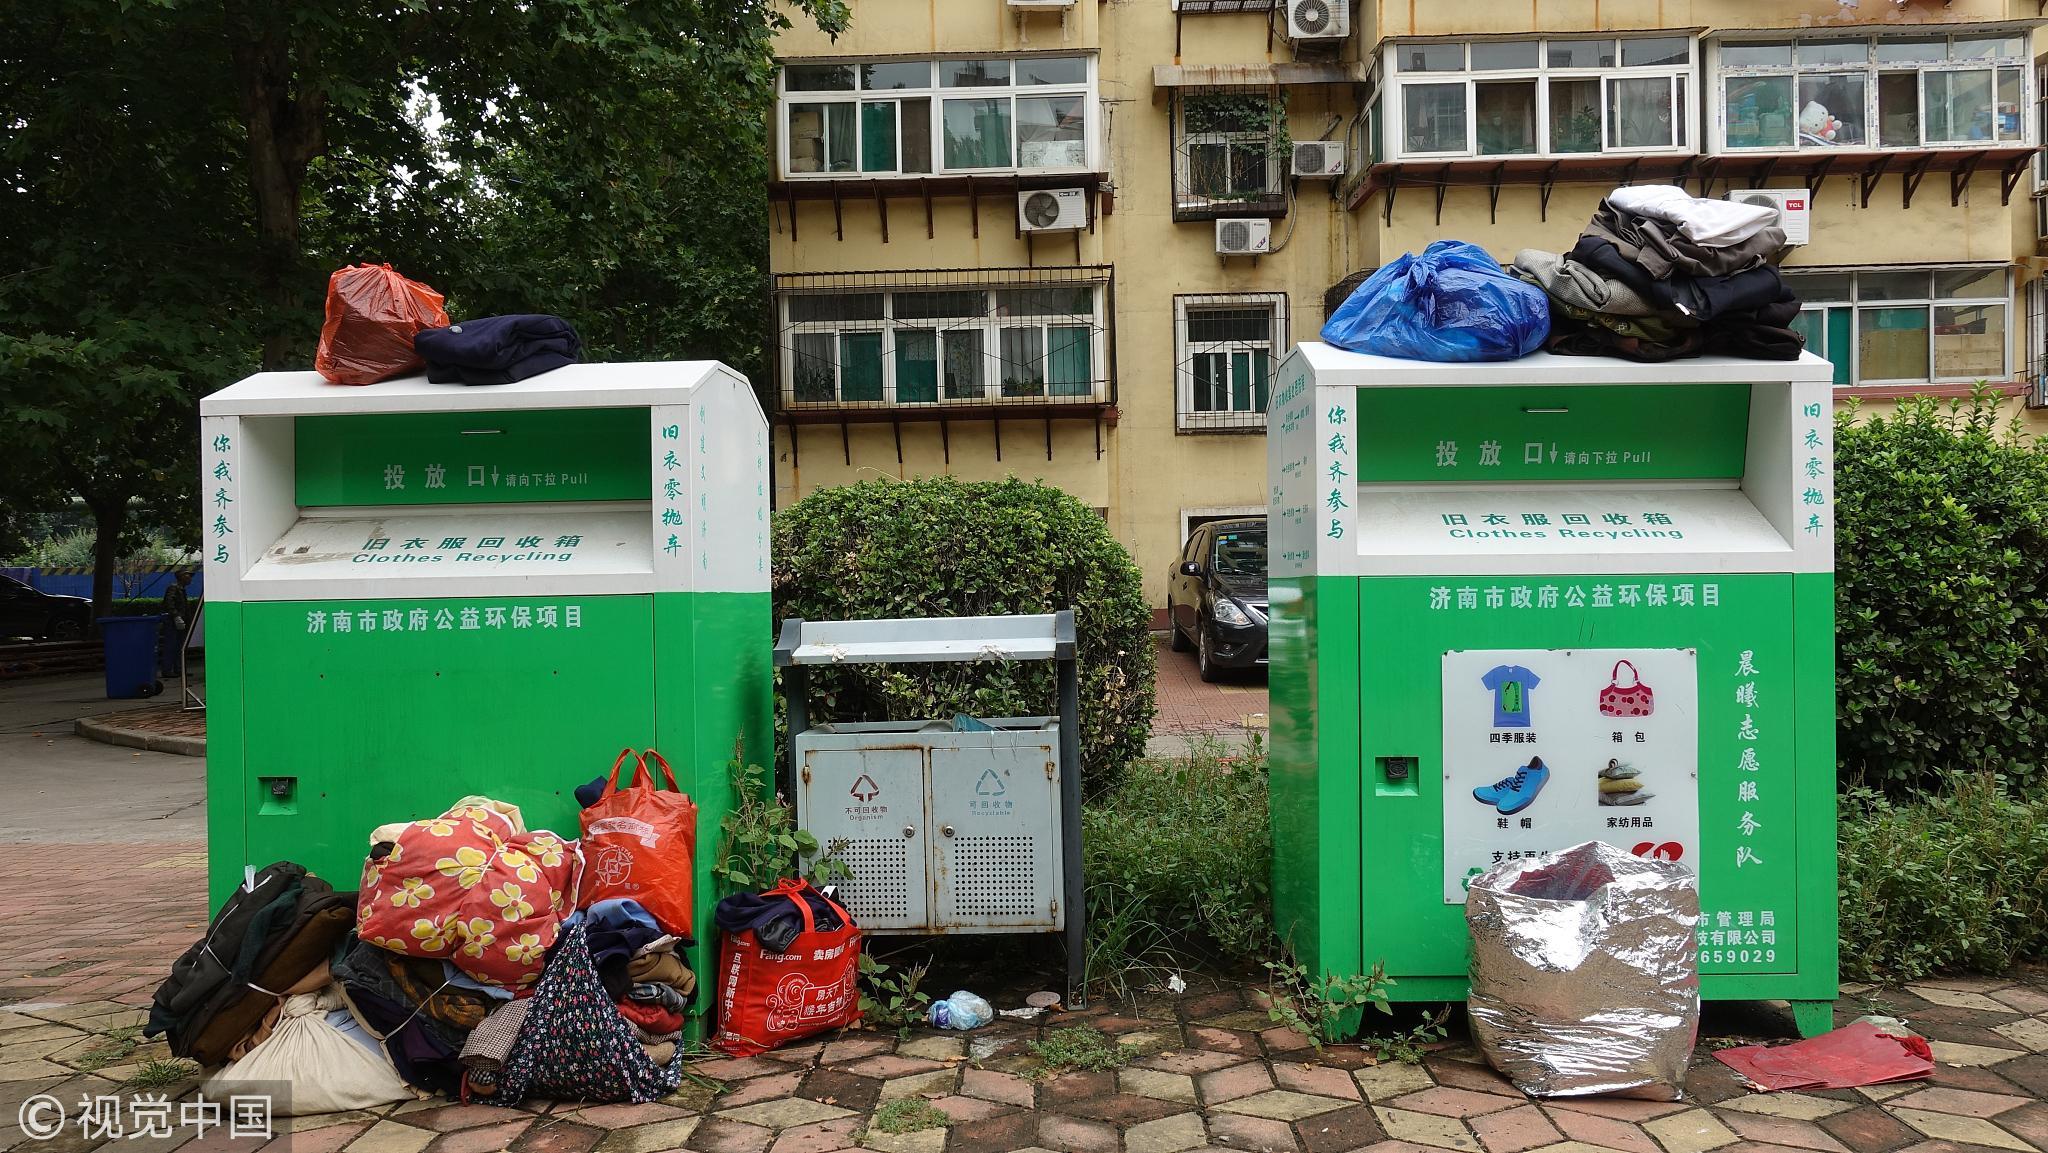 2017年8月18日,山东济南历城区济钢新村小区内的旧衣服回收箱,堆满了小区居民舍弃的旧衣物。/视觉中国